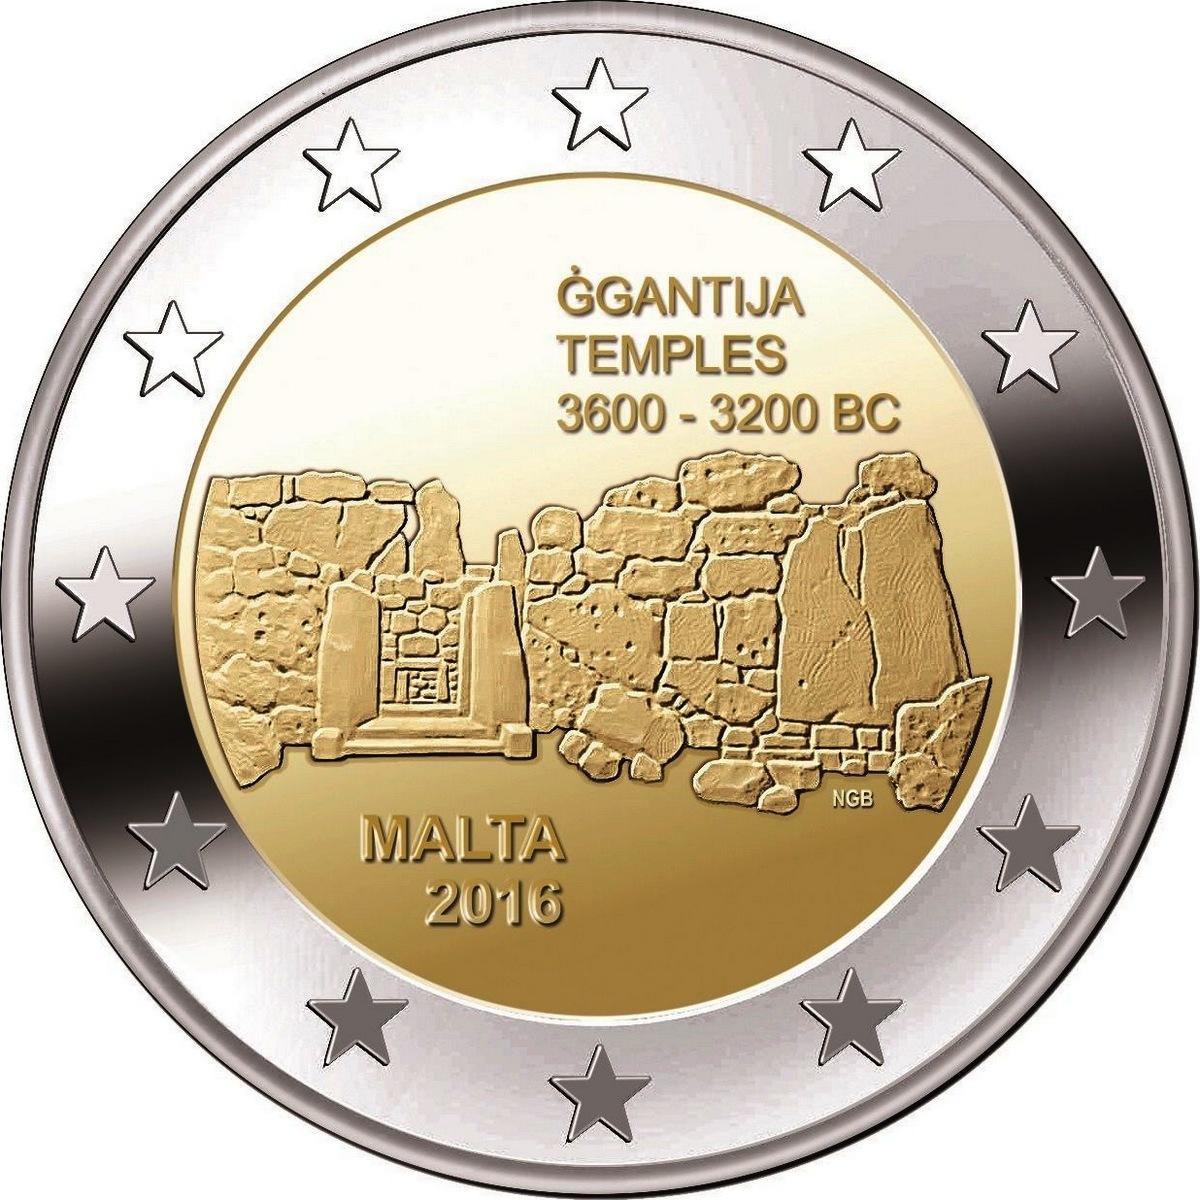 1-я монета серии из 7 монет с изображением мальтийских доисторических комплексов: Джгантия